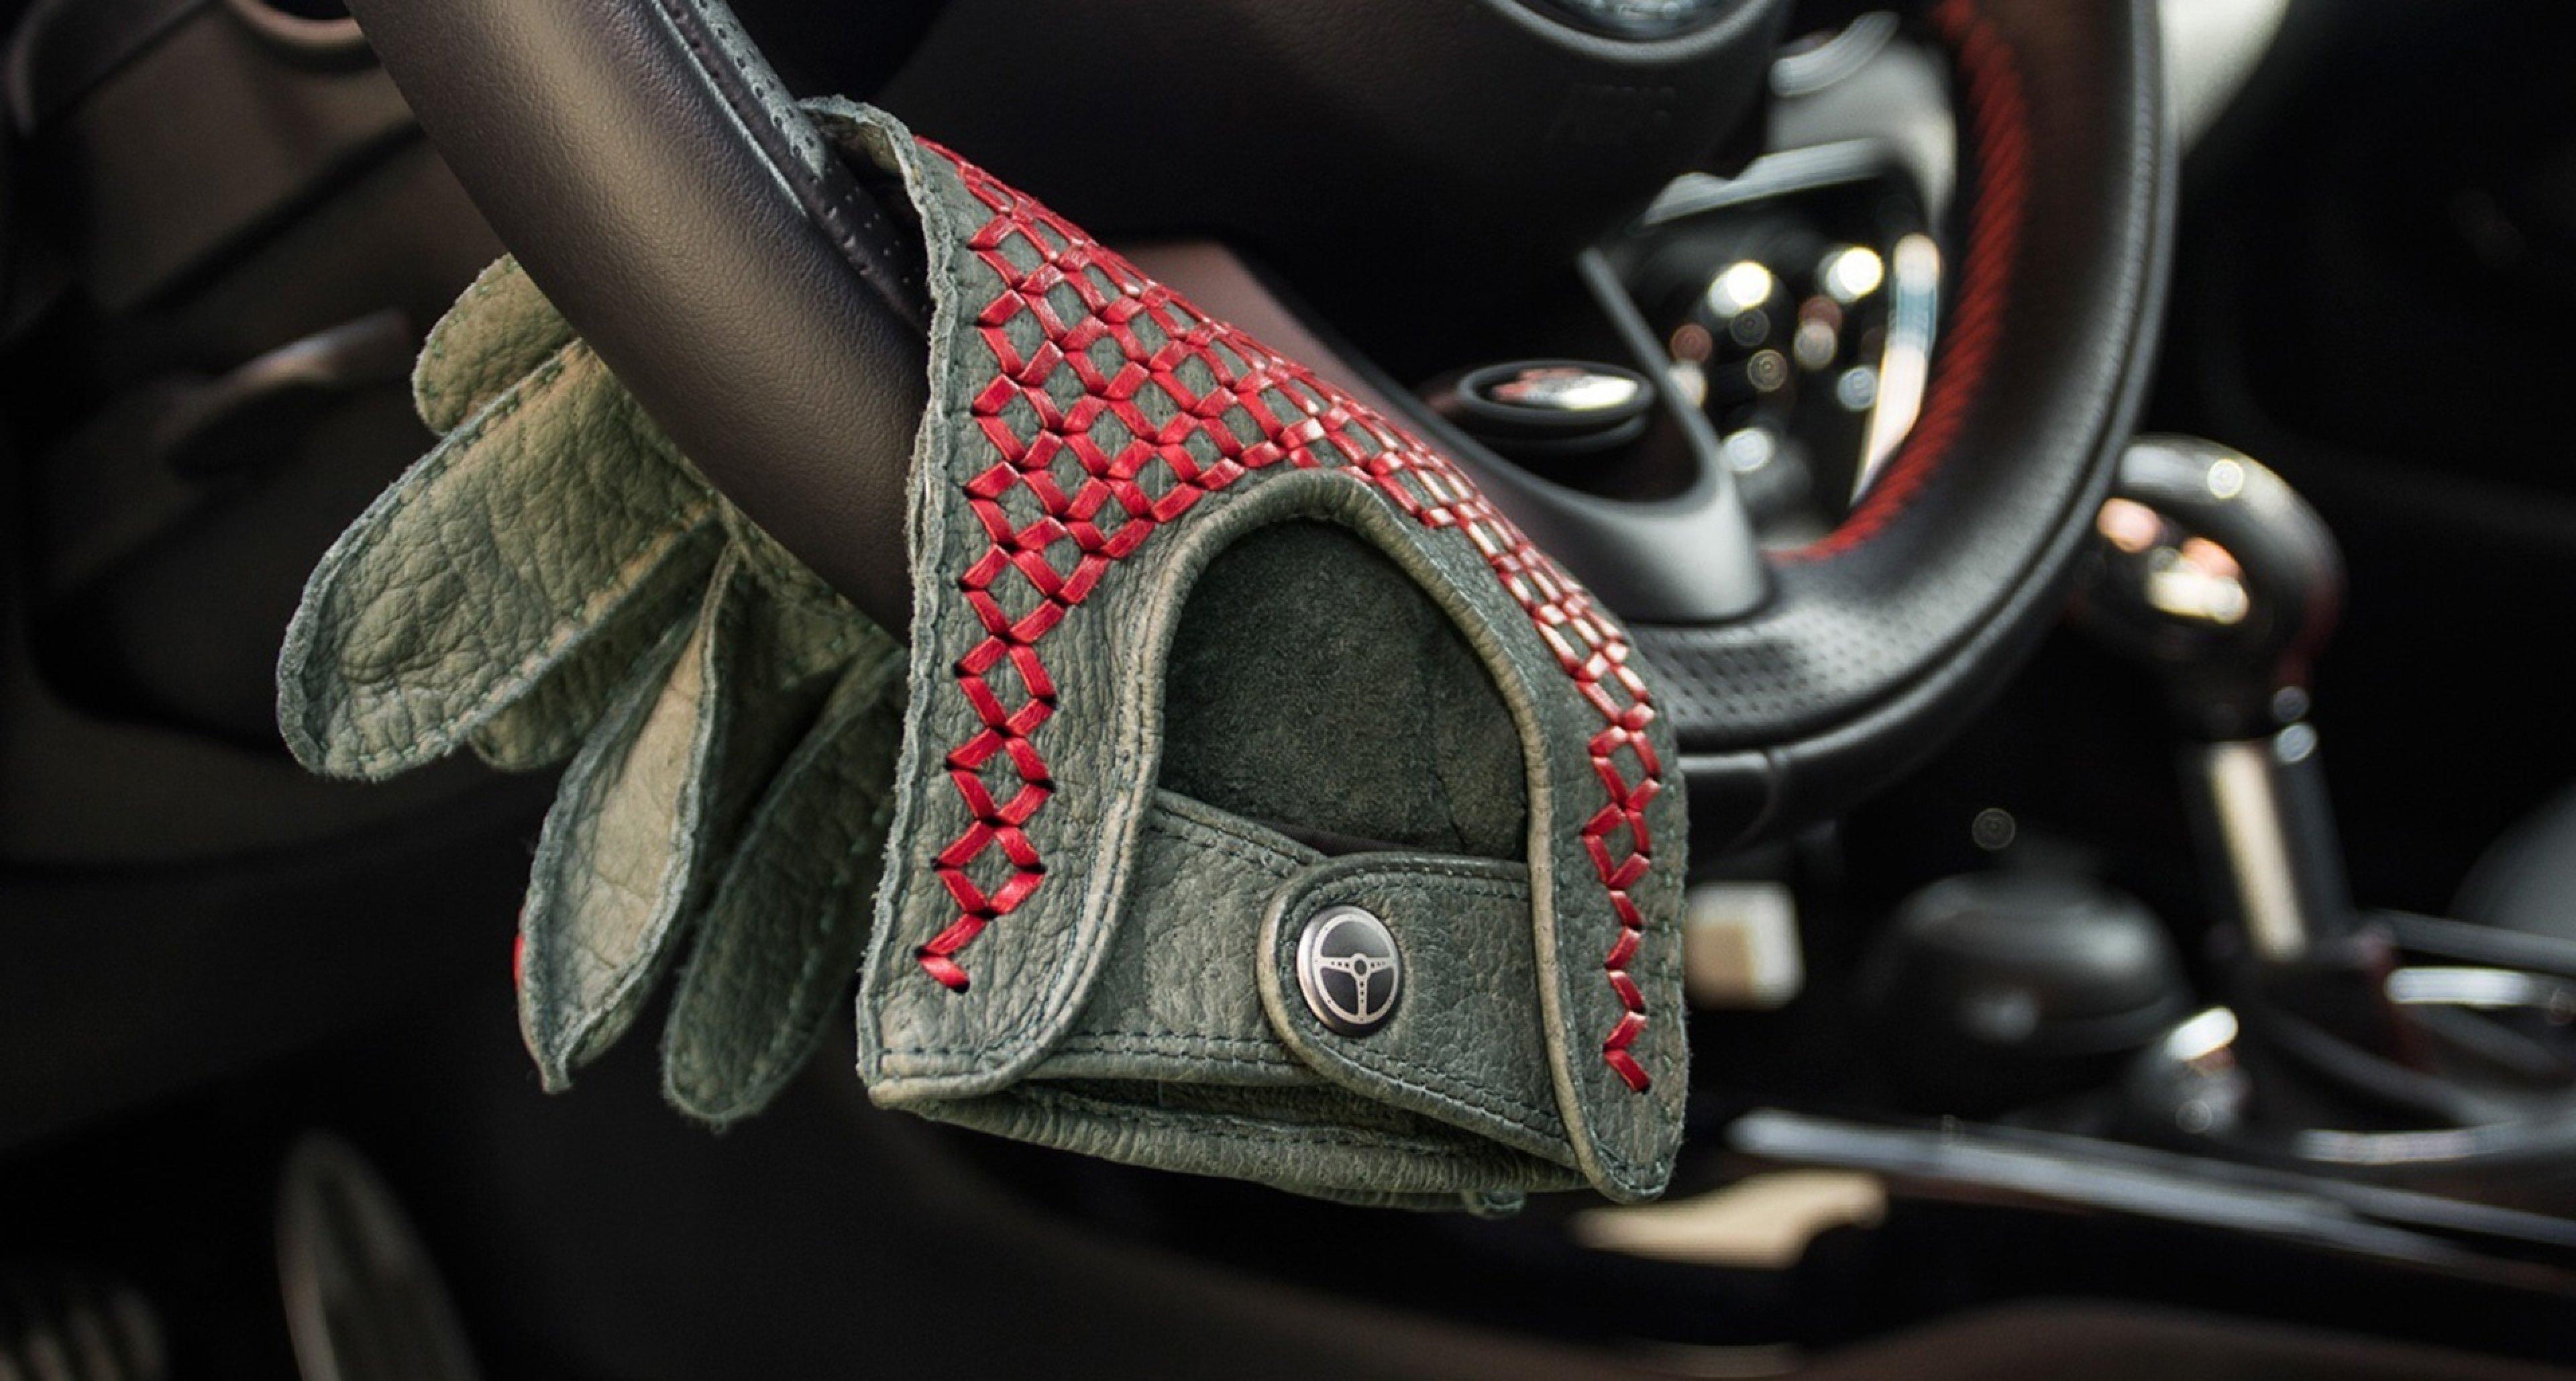 Αποτέλεσμα εικόνας για outlierman driving gloves